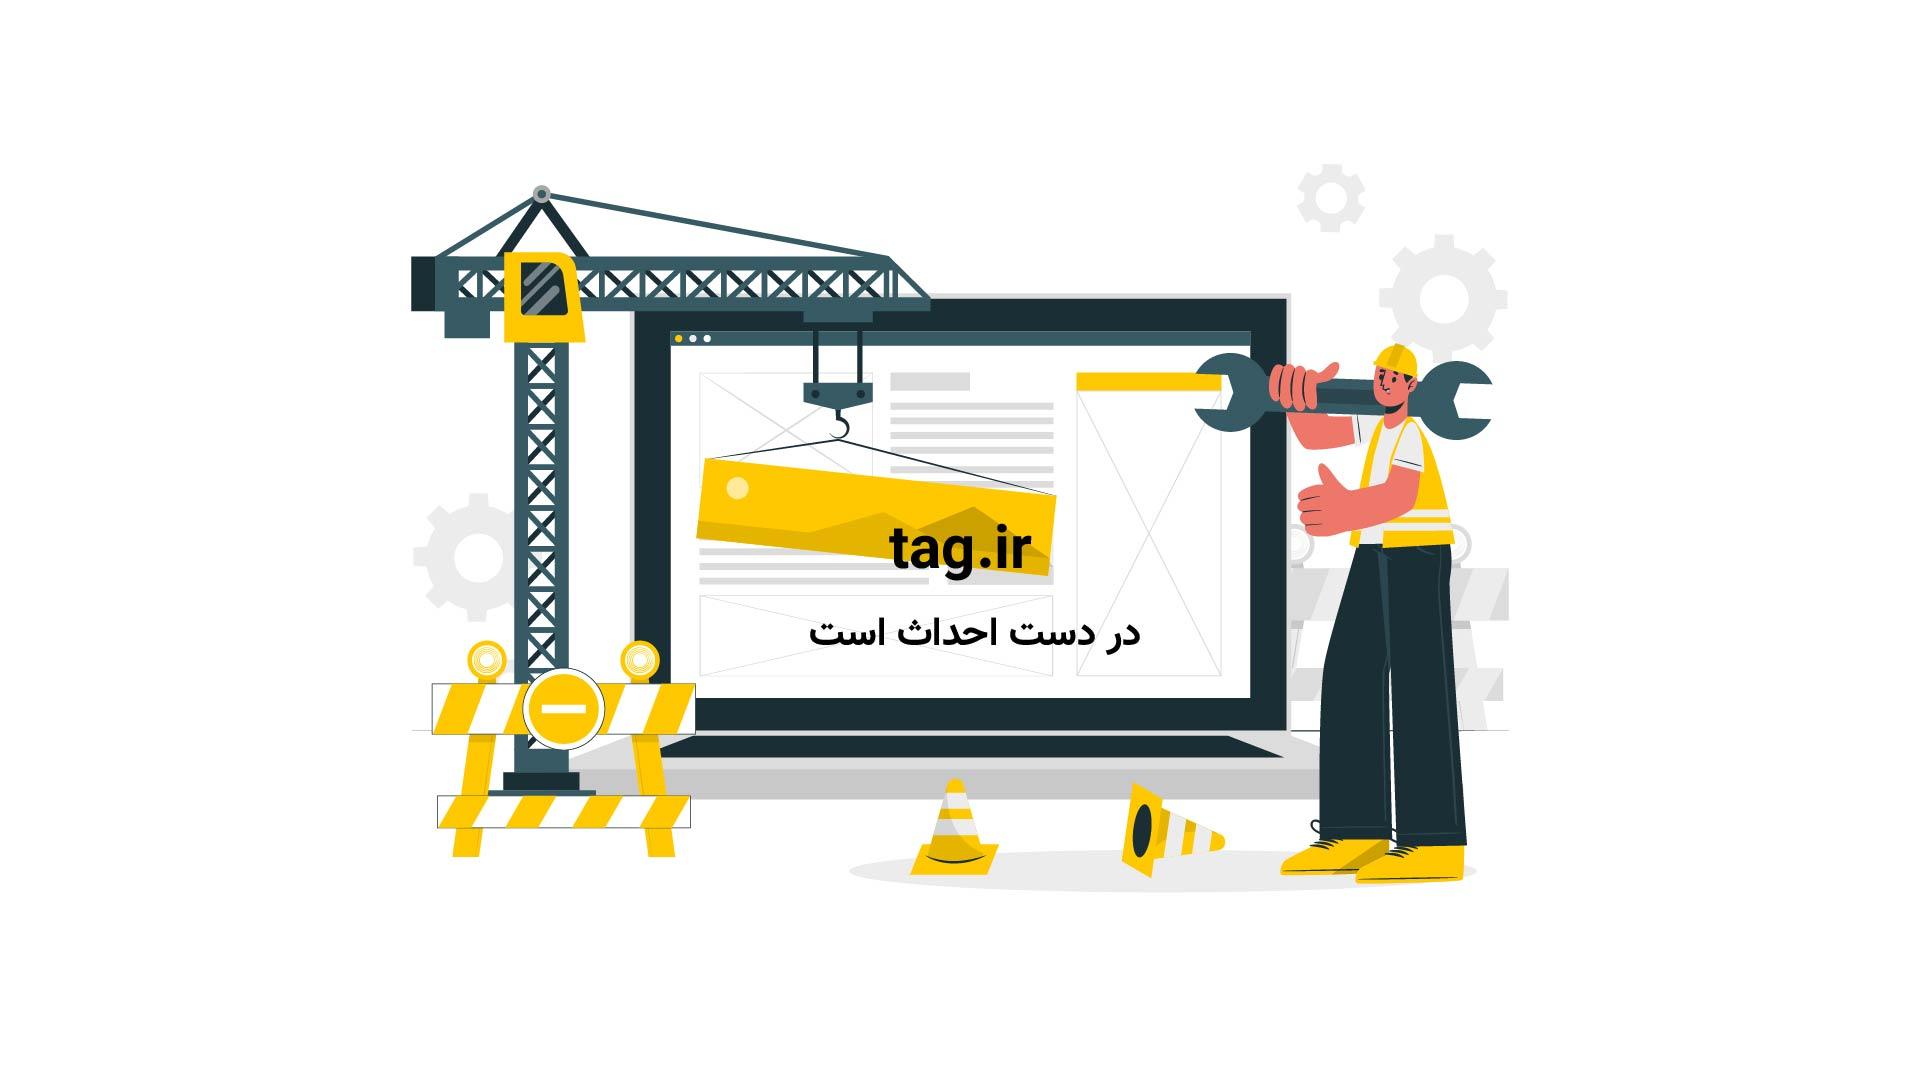 زلزله-تایوان | تگ